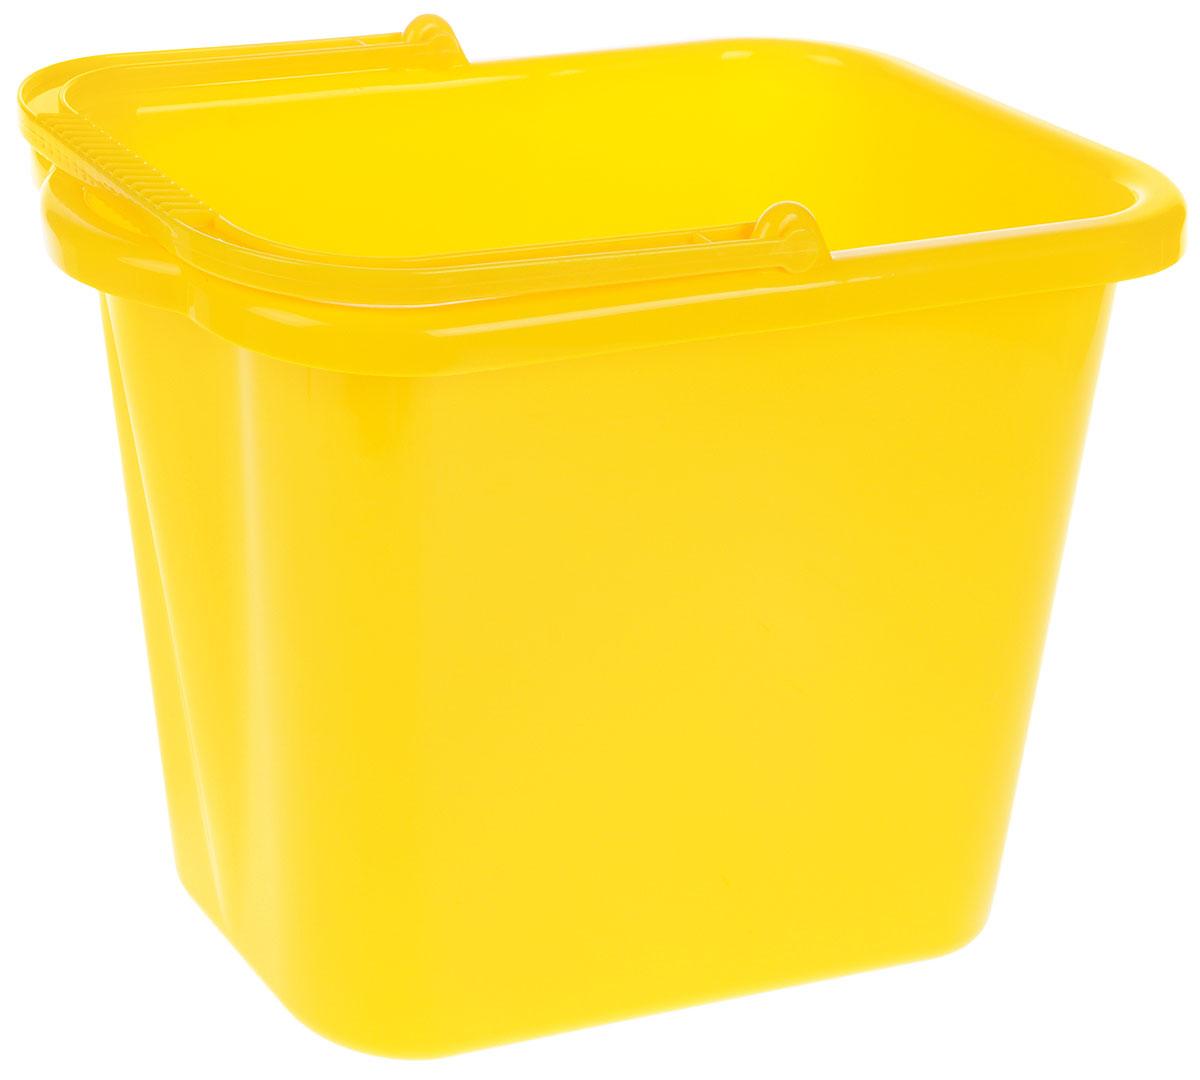 Ведро хозяйственное Idea, прямоугольное, цвет: желтый, 9,5 лRC-100BPCПрямоугольное ведро Idea изготовлено из прочного пластика. Изделие порадует практичных хозяек. Ведро можно использовать для пищевых продуктов или для мытья полов. Для удобного использования ведро имеет пластиковую ручку и носик для выливания воды. Размер ведра (по верхнему краю): 36 х 21,5 см.Высота стенки: 25 см.